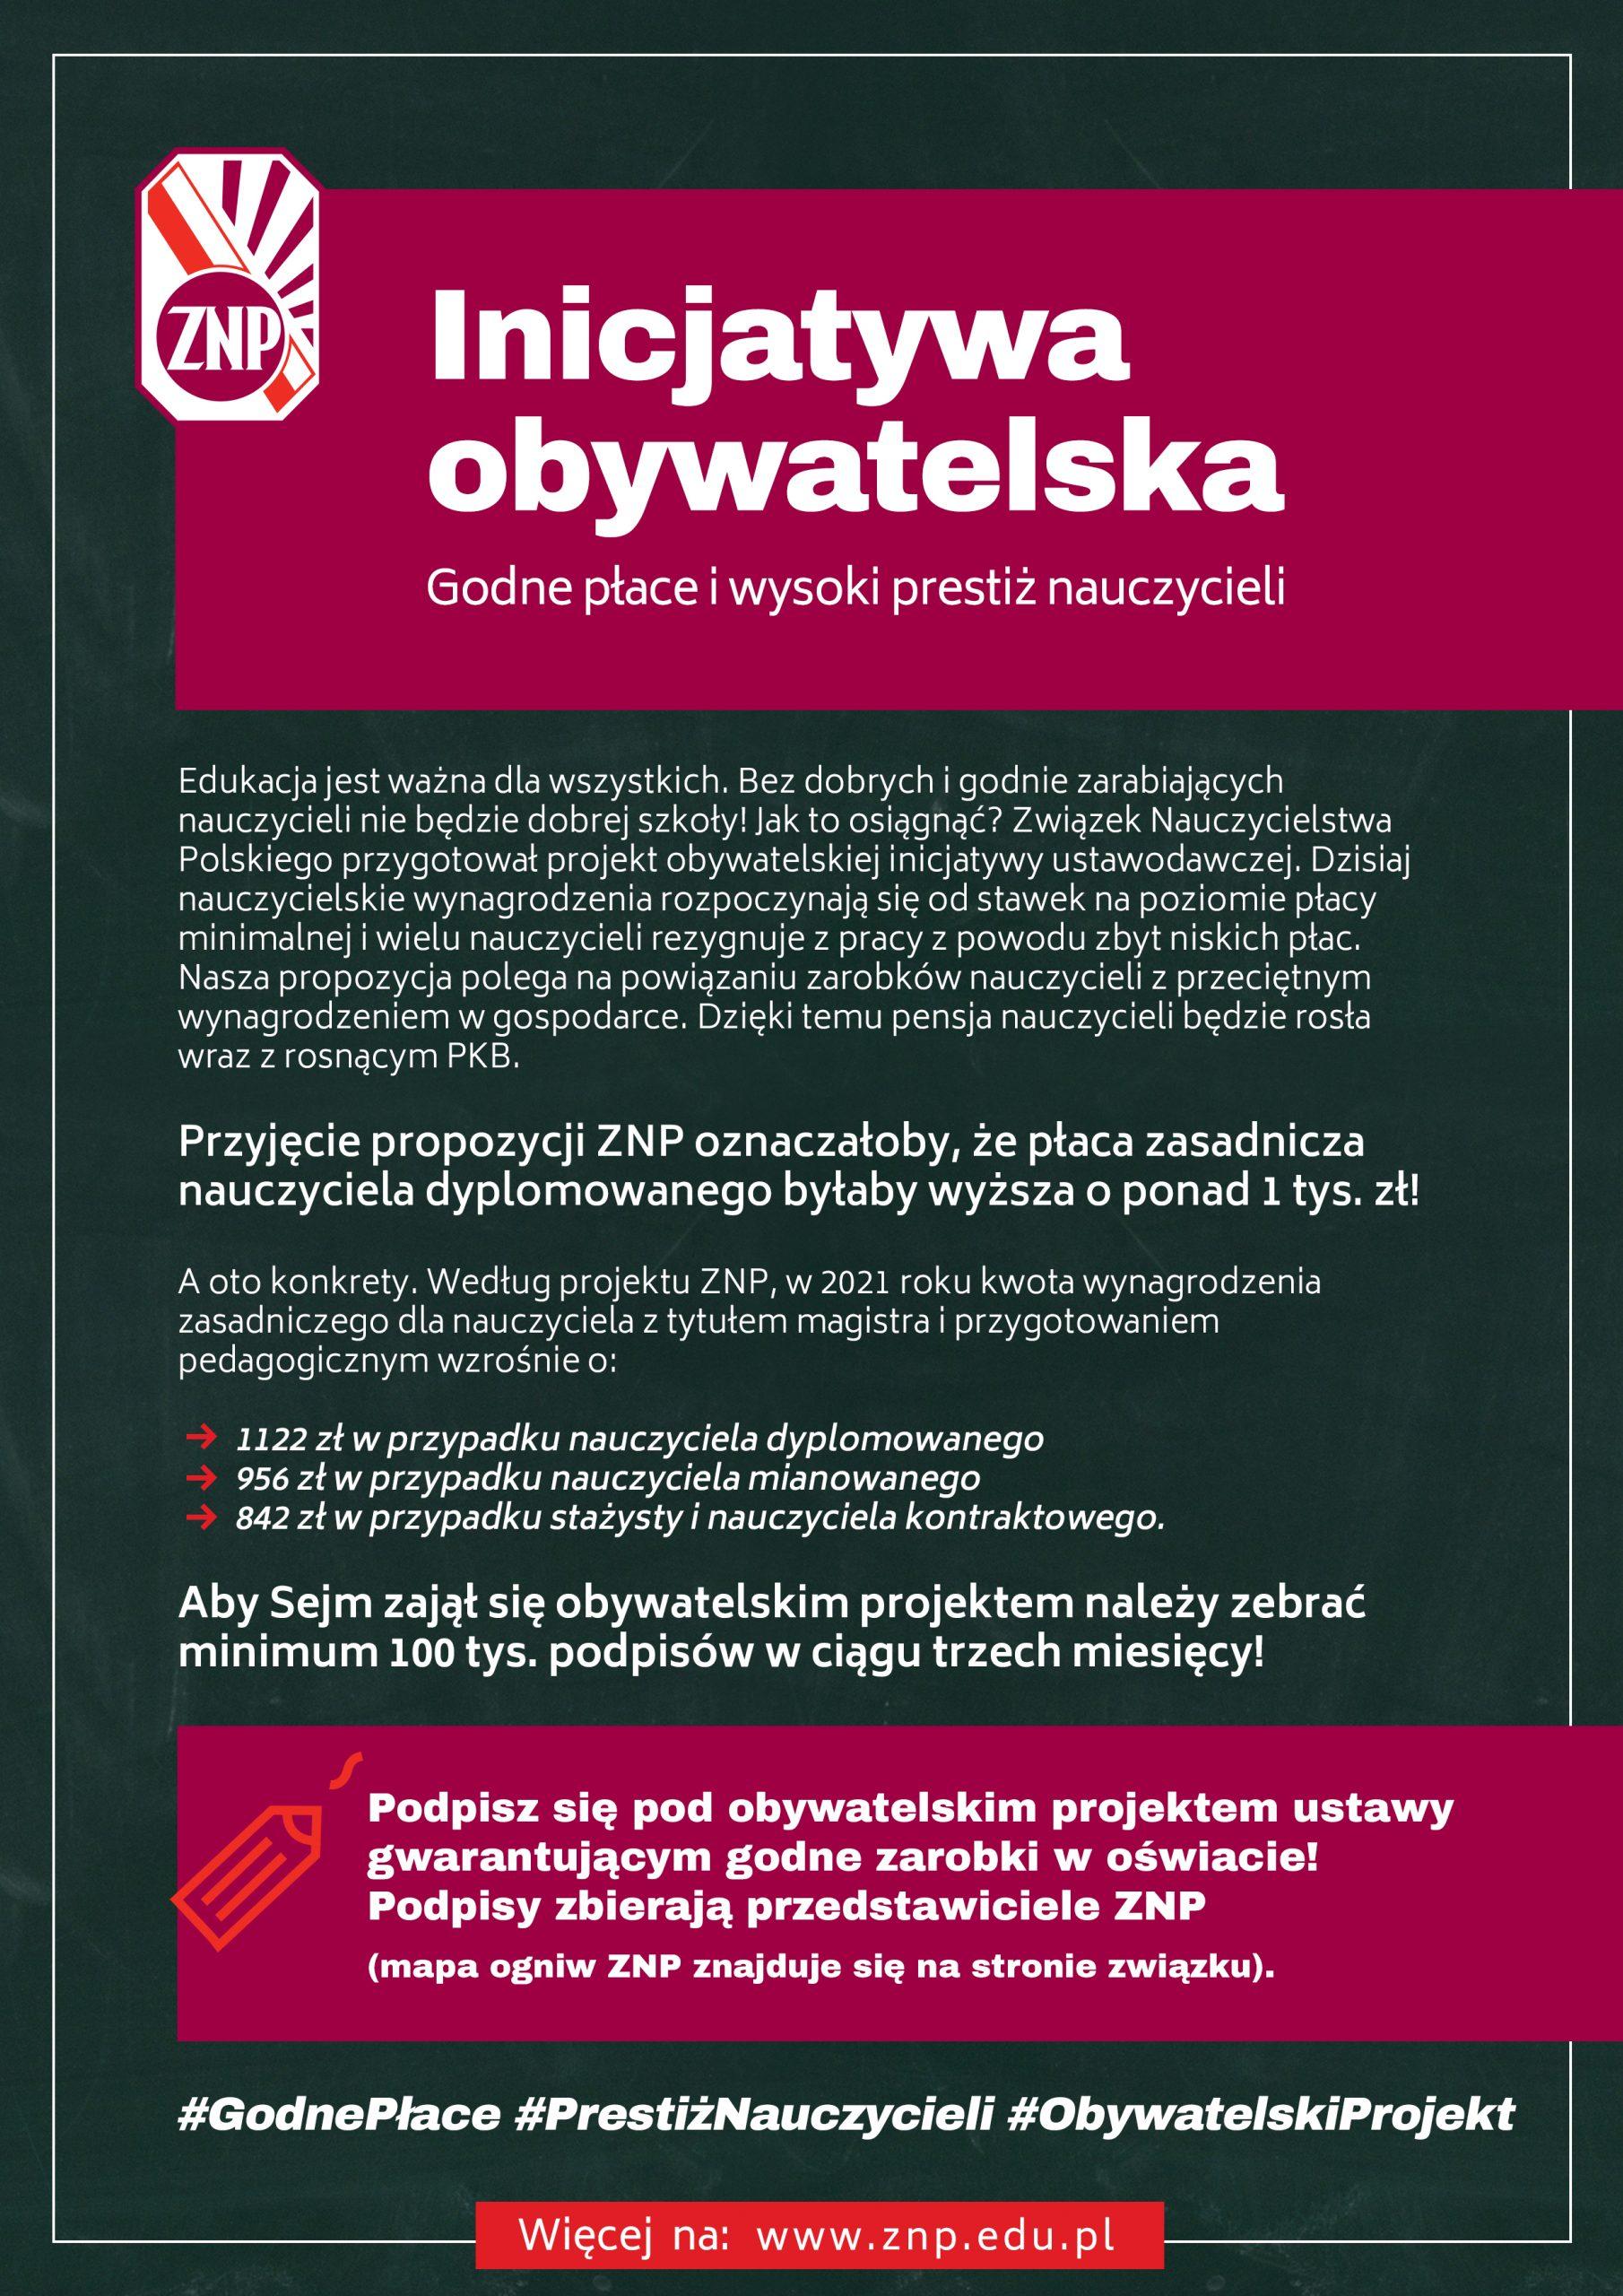 znp_informacja_A4_inicjatywa_obywatelska-2-scaled